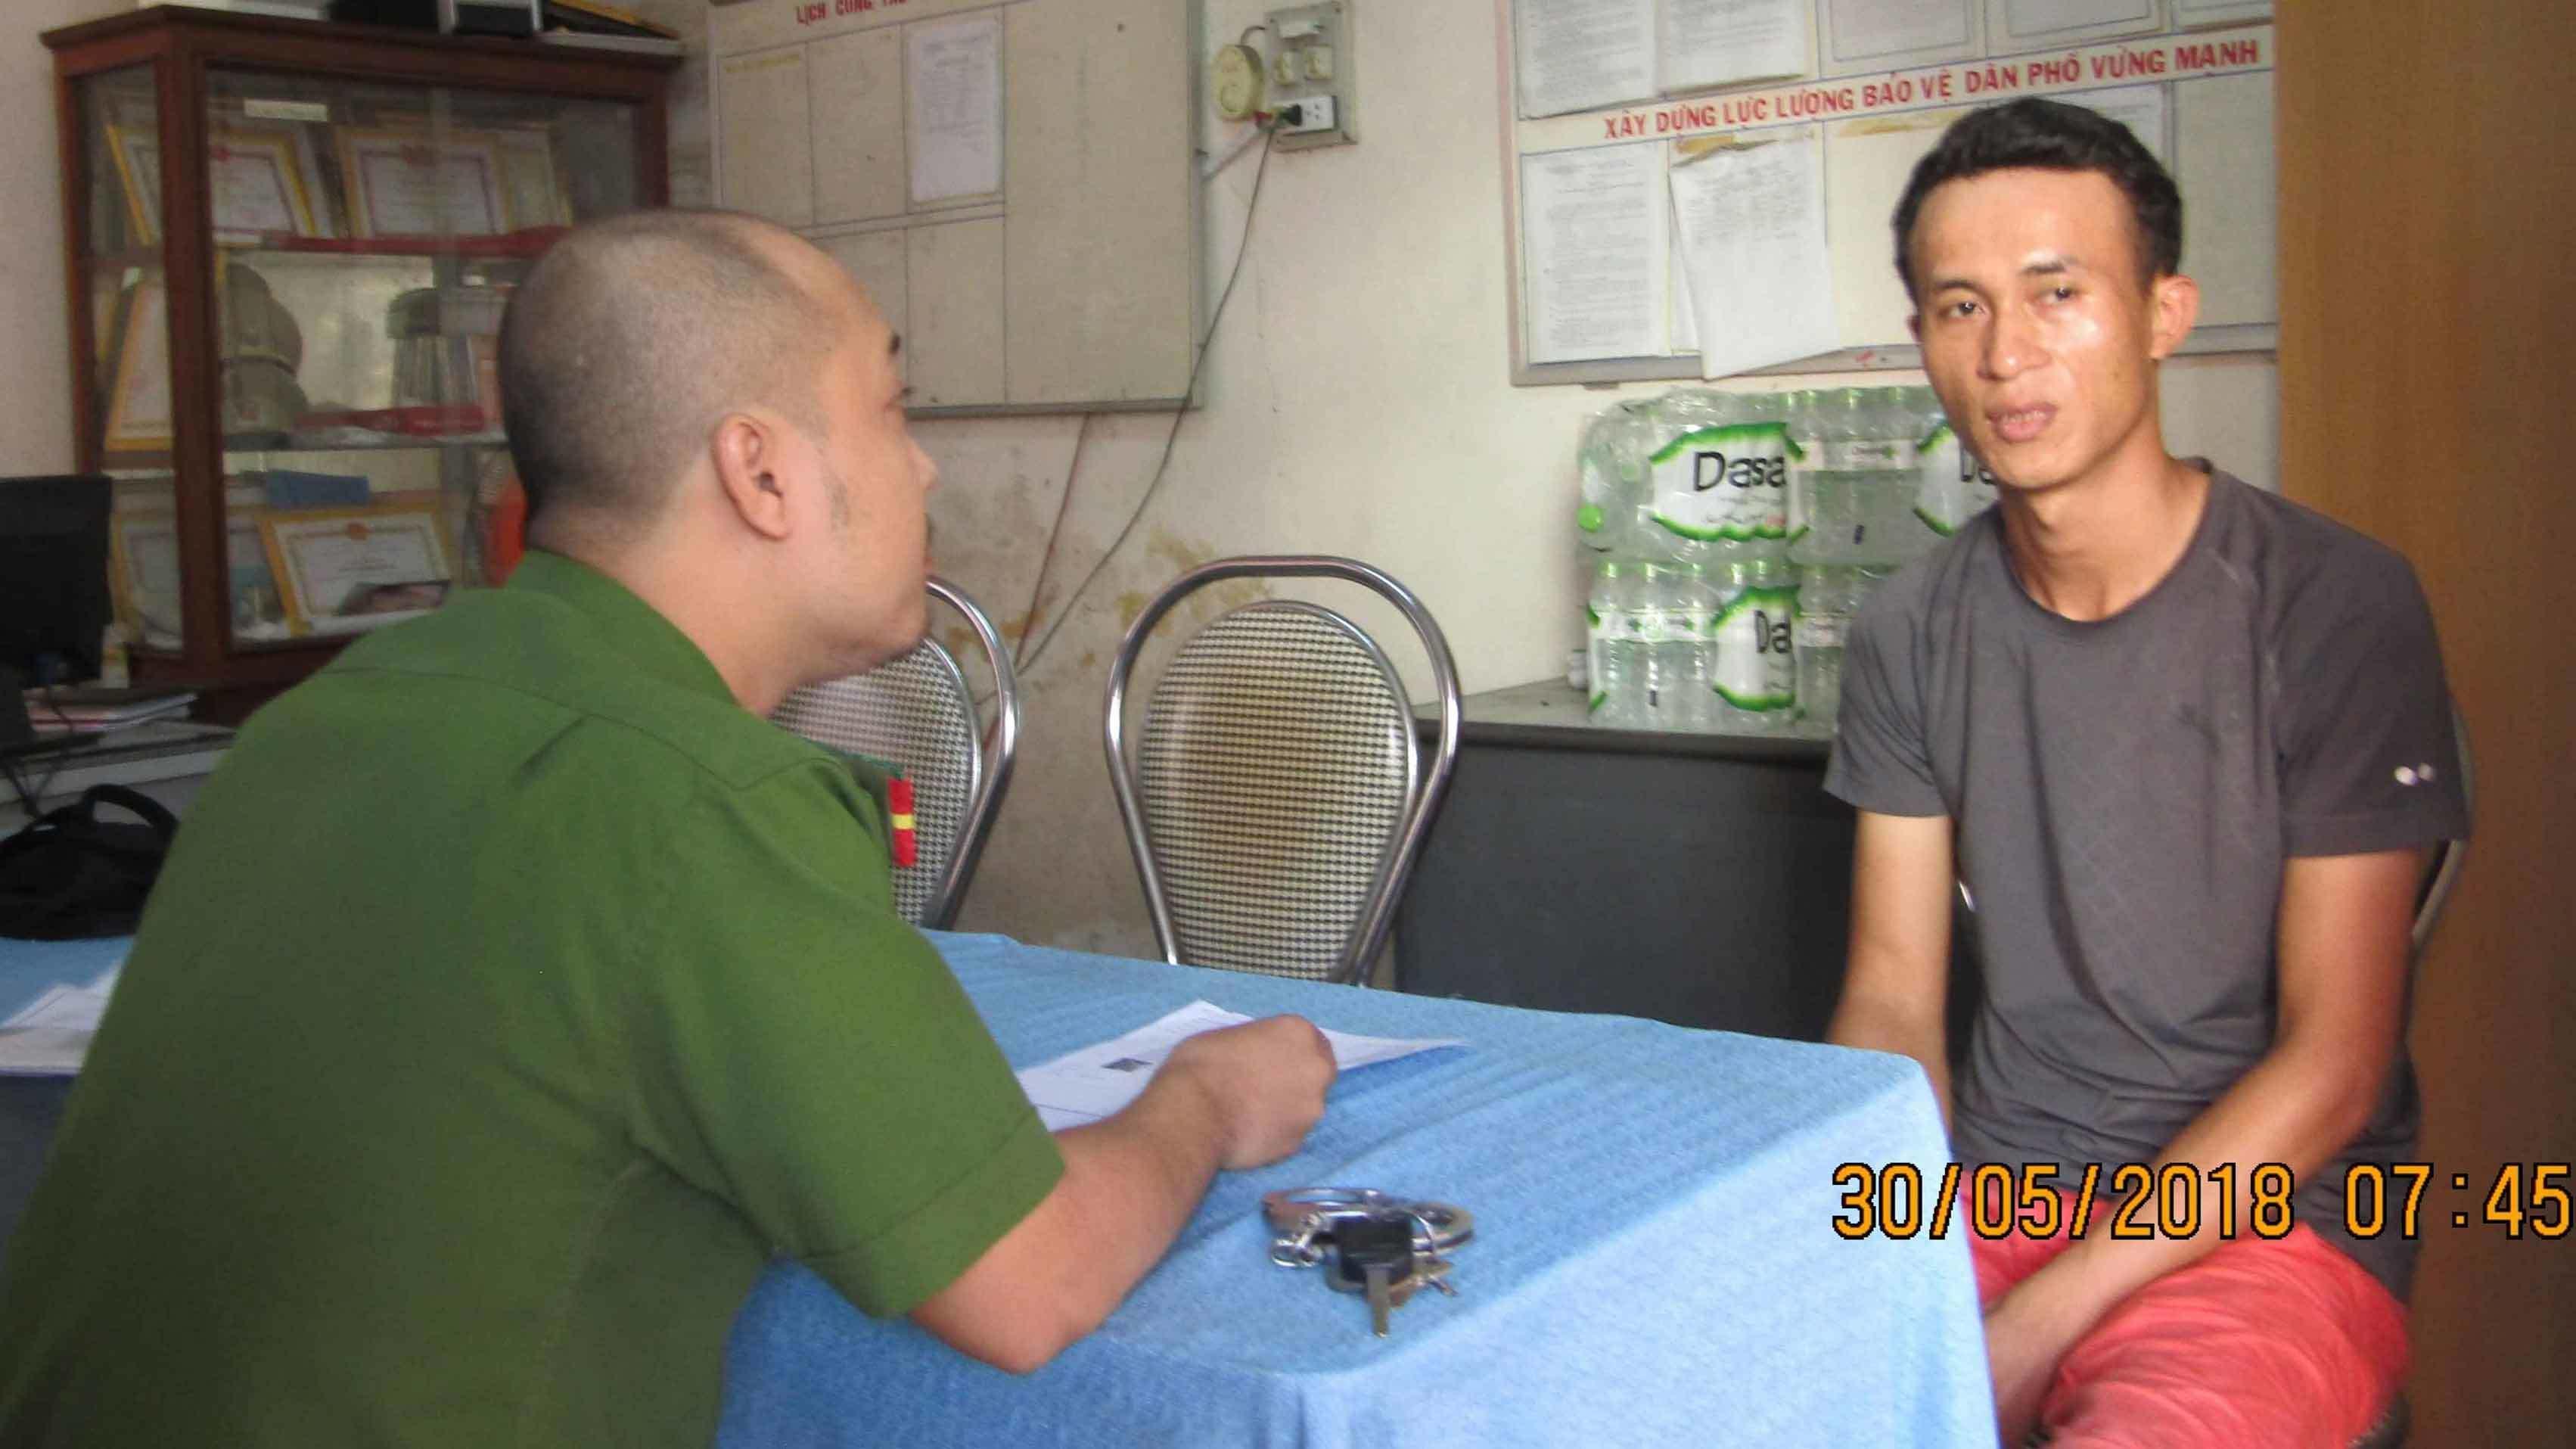 Công an Đà Nẵng làm rõ nam thanh niên dùng 'chiêu bẩn' moi tiền của khách